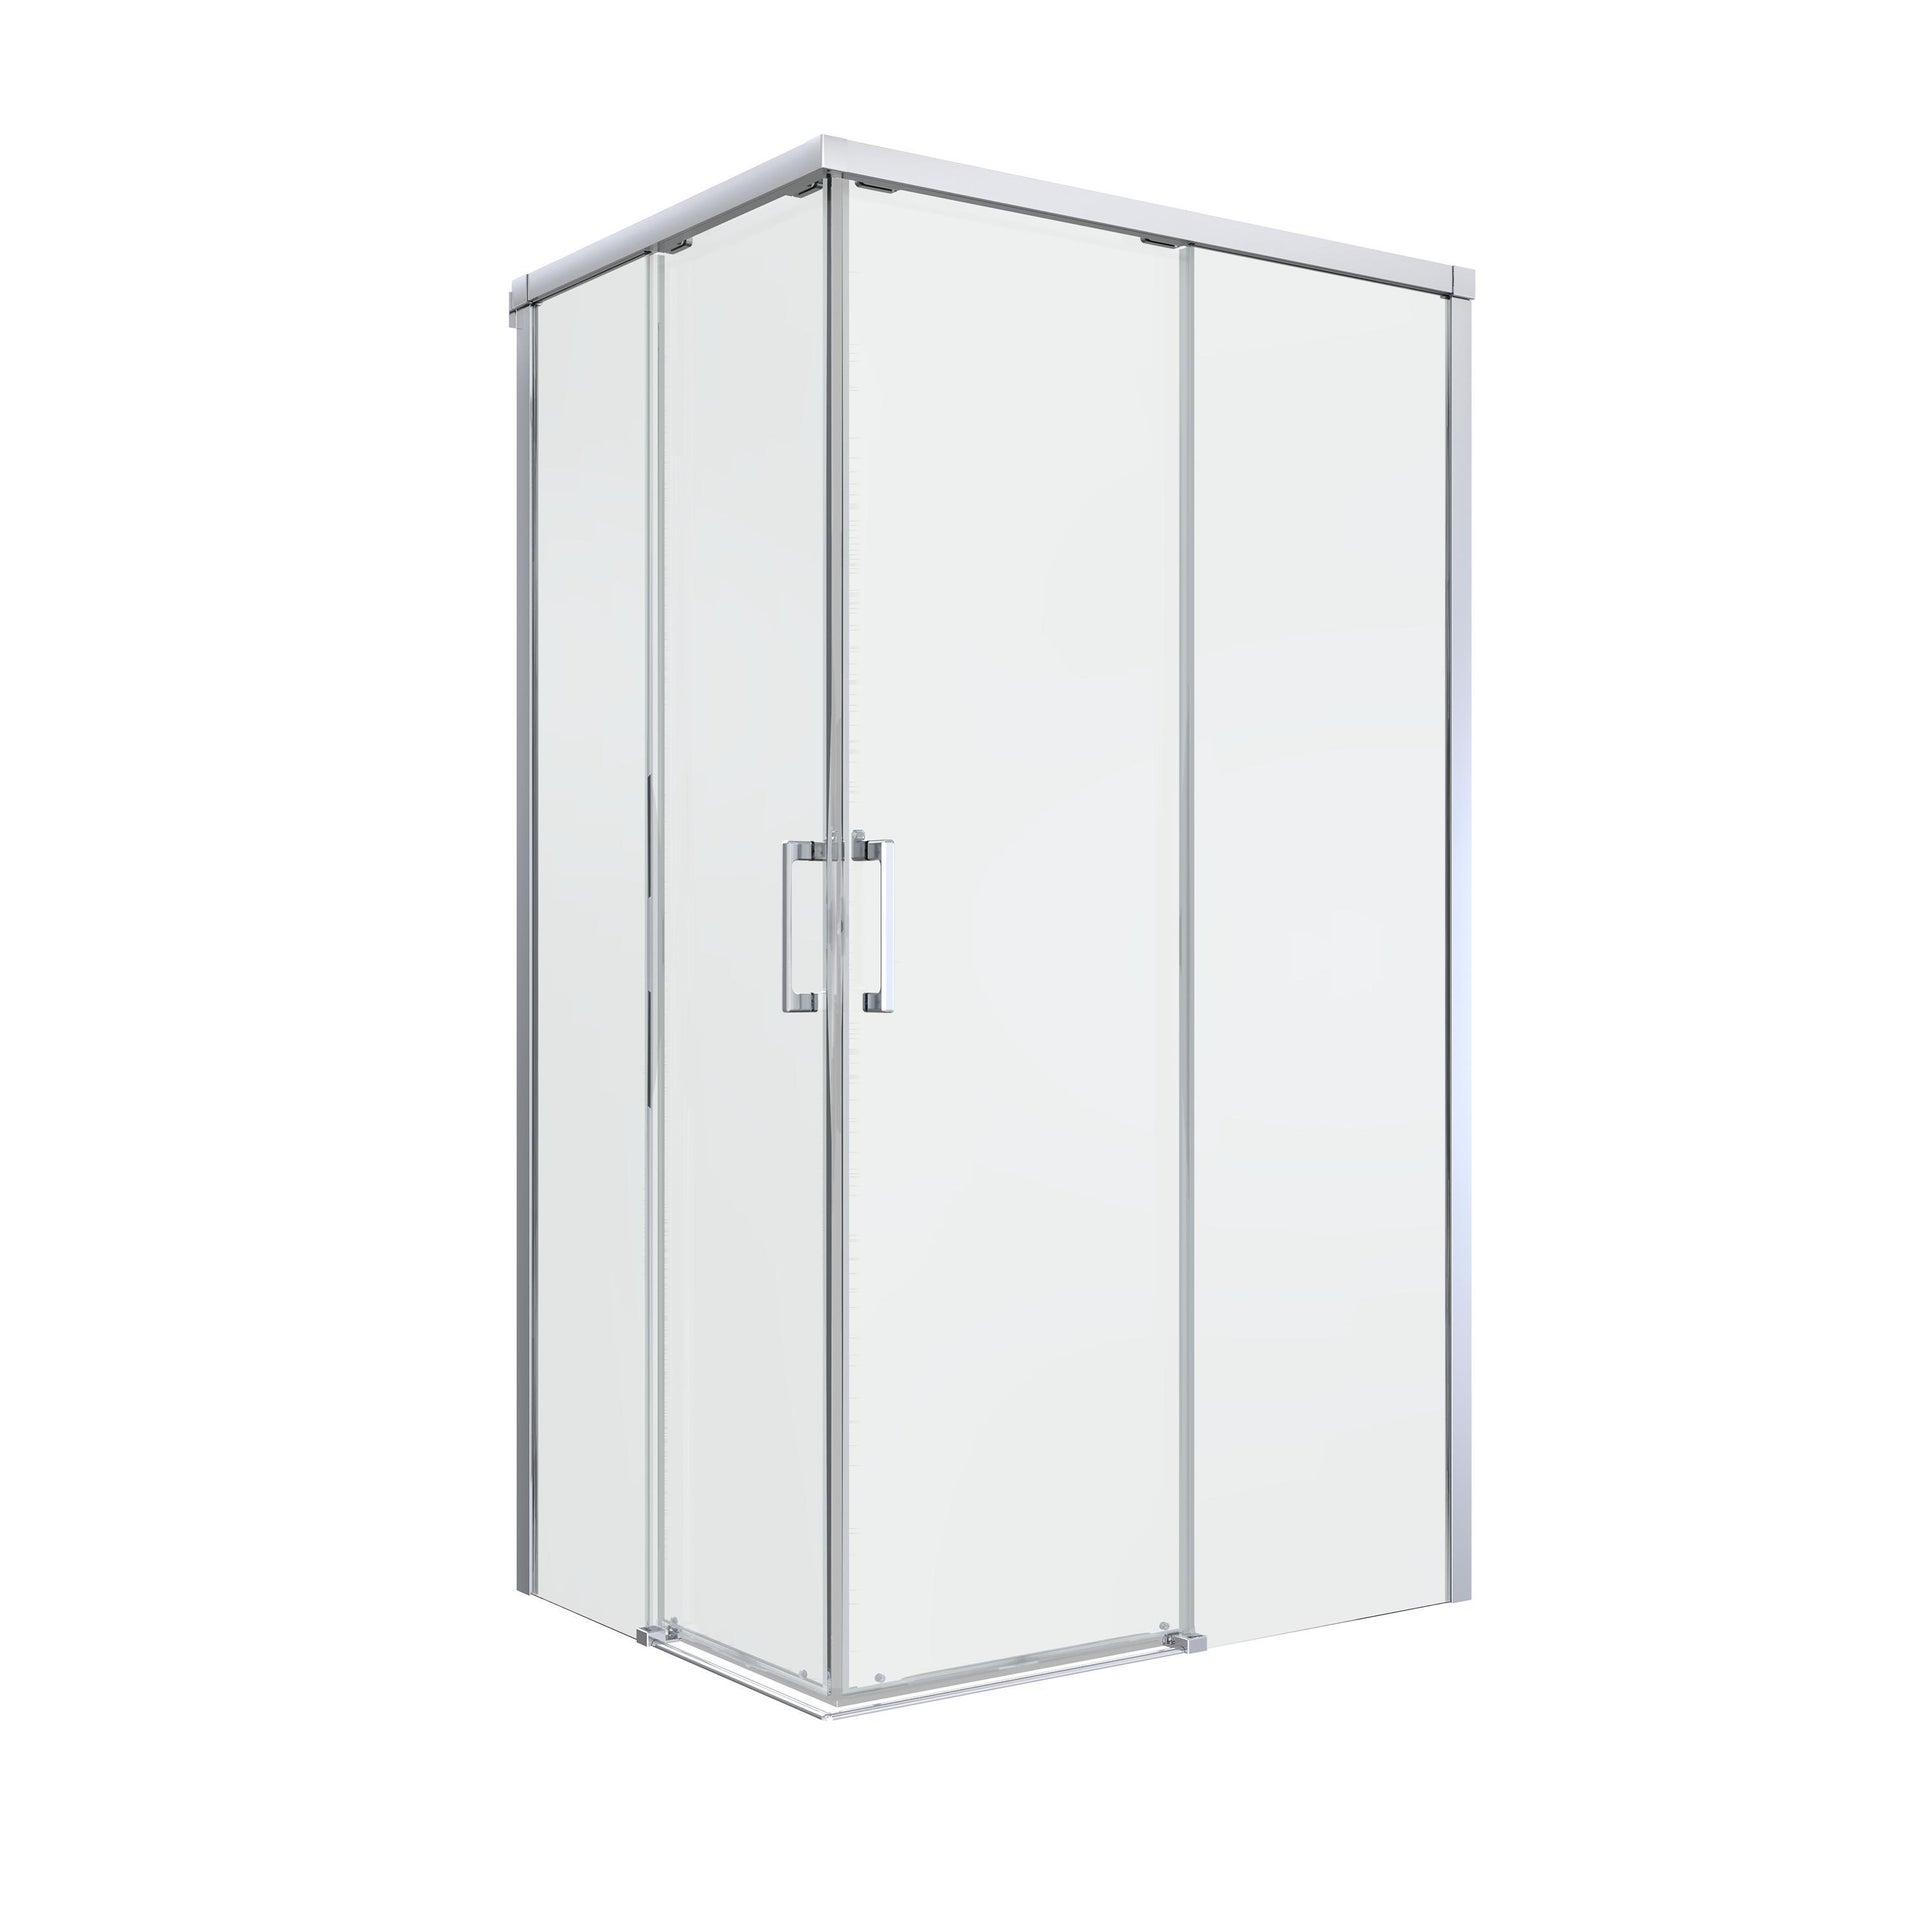 Box doccia rettangolare scorrevole Remix 80 x 120 cm, H 195 cm in vetro temprato, spessore 6 mm trasparente cromato - 11